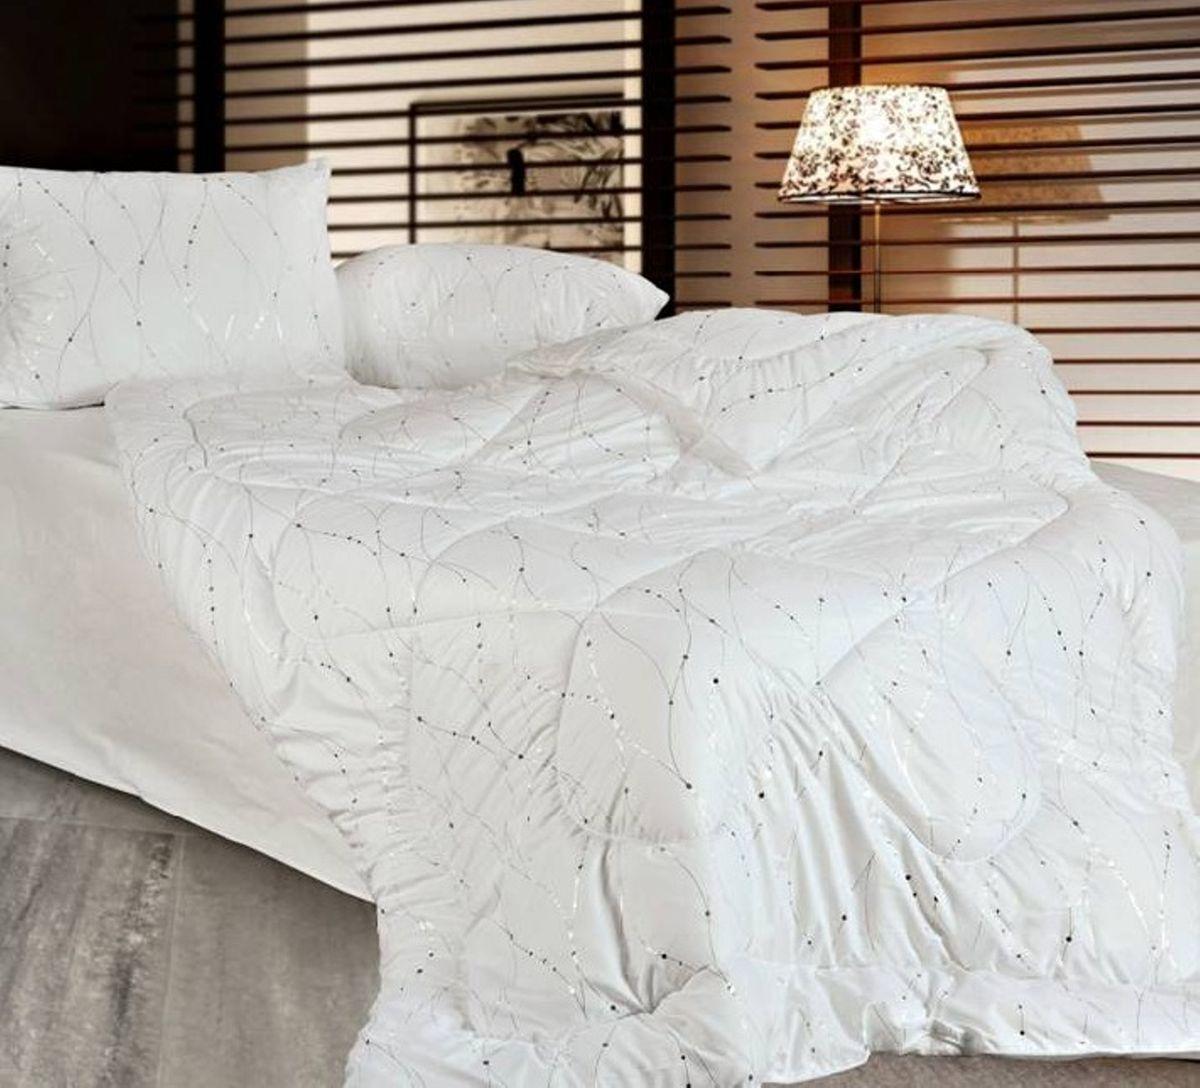 Одеяло Home & Style, 200x220см, наполнитель соевое волокно182906Классические одеяла и подушки с экологичным наполнителем и стильным верхом - серебро на белом фоне